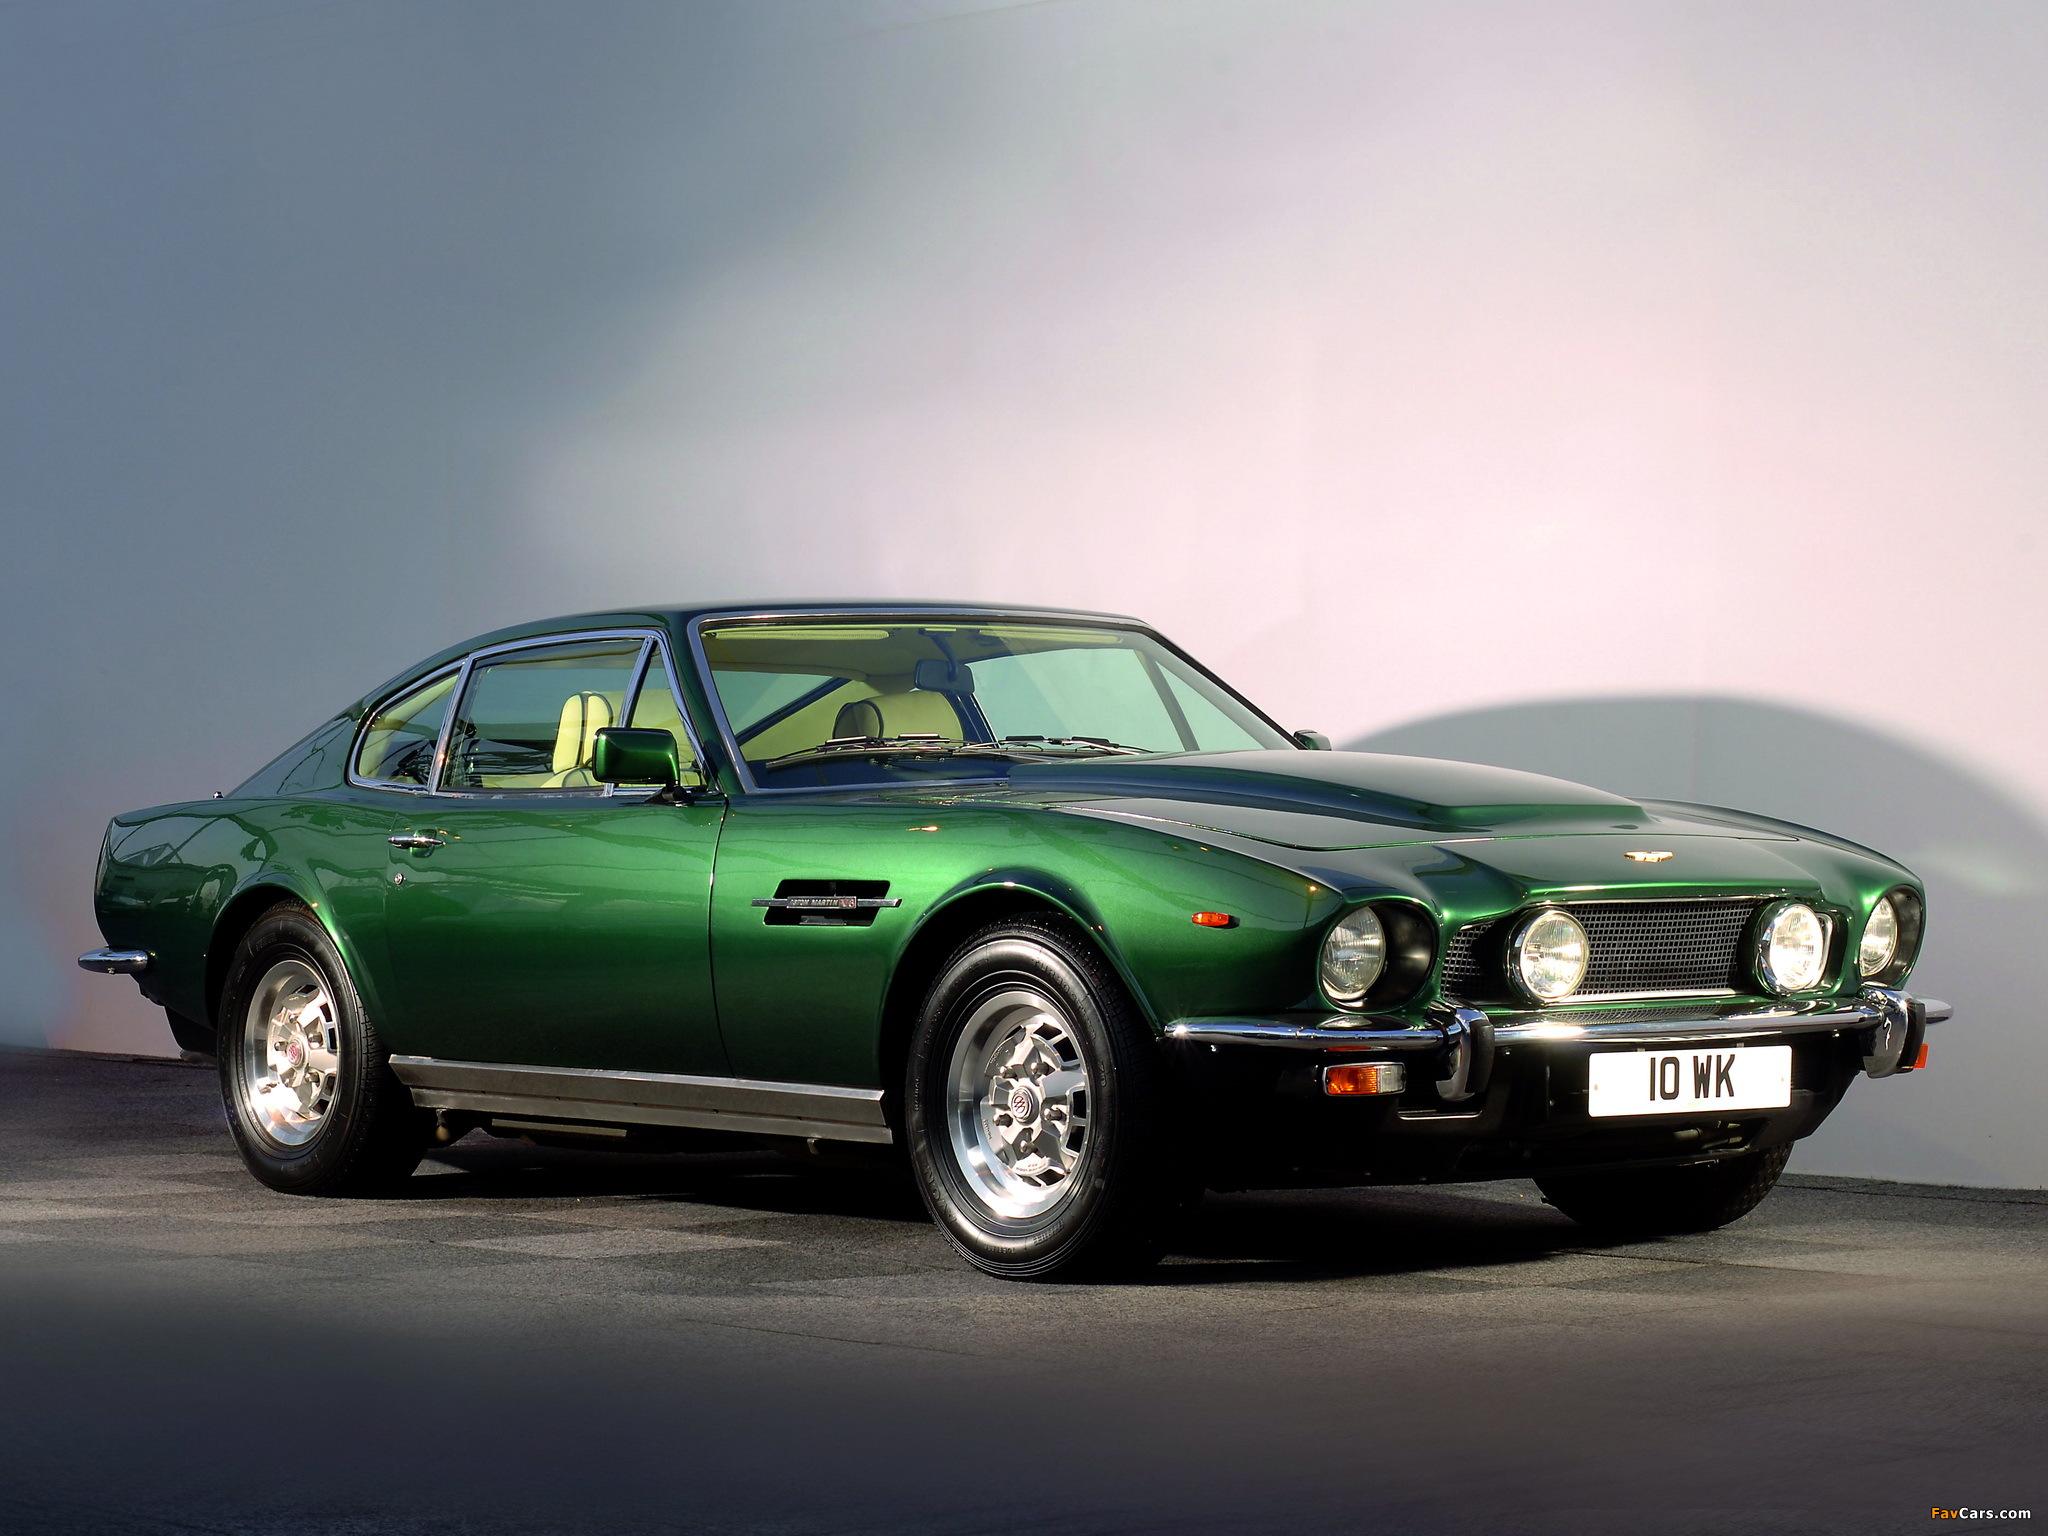 http://img.favcars.com/aston-martin/v8/aston-martin_v8_1977_pictures_7.jpg